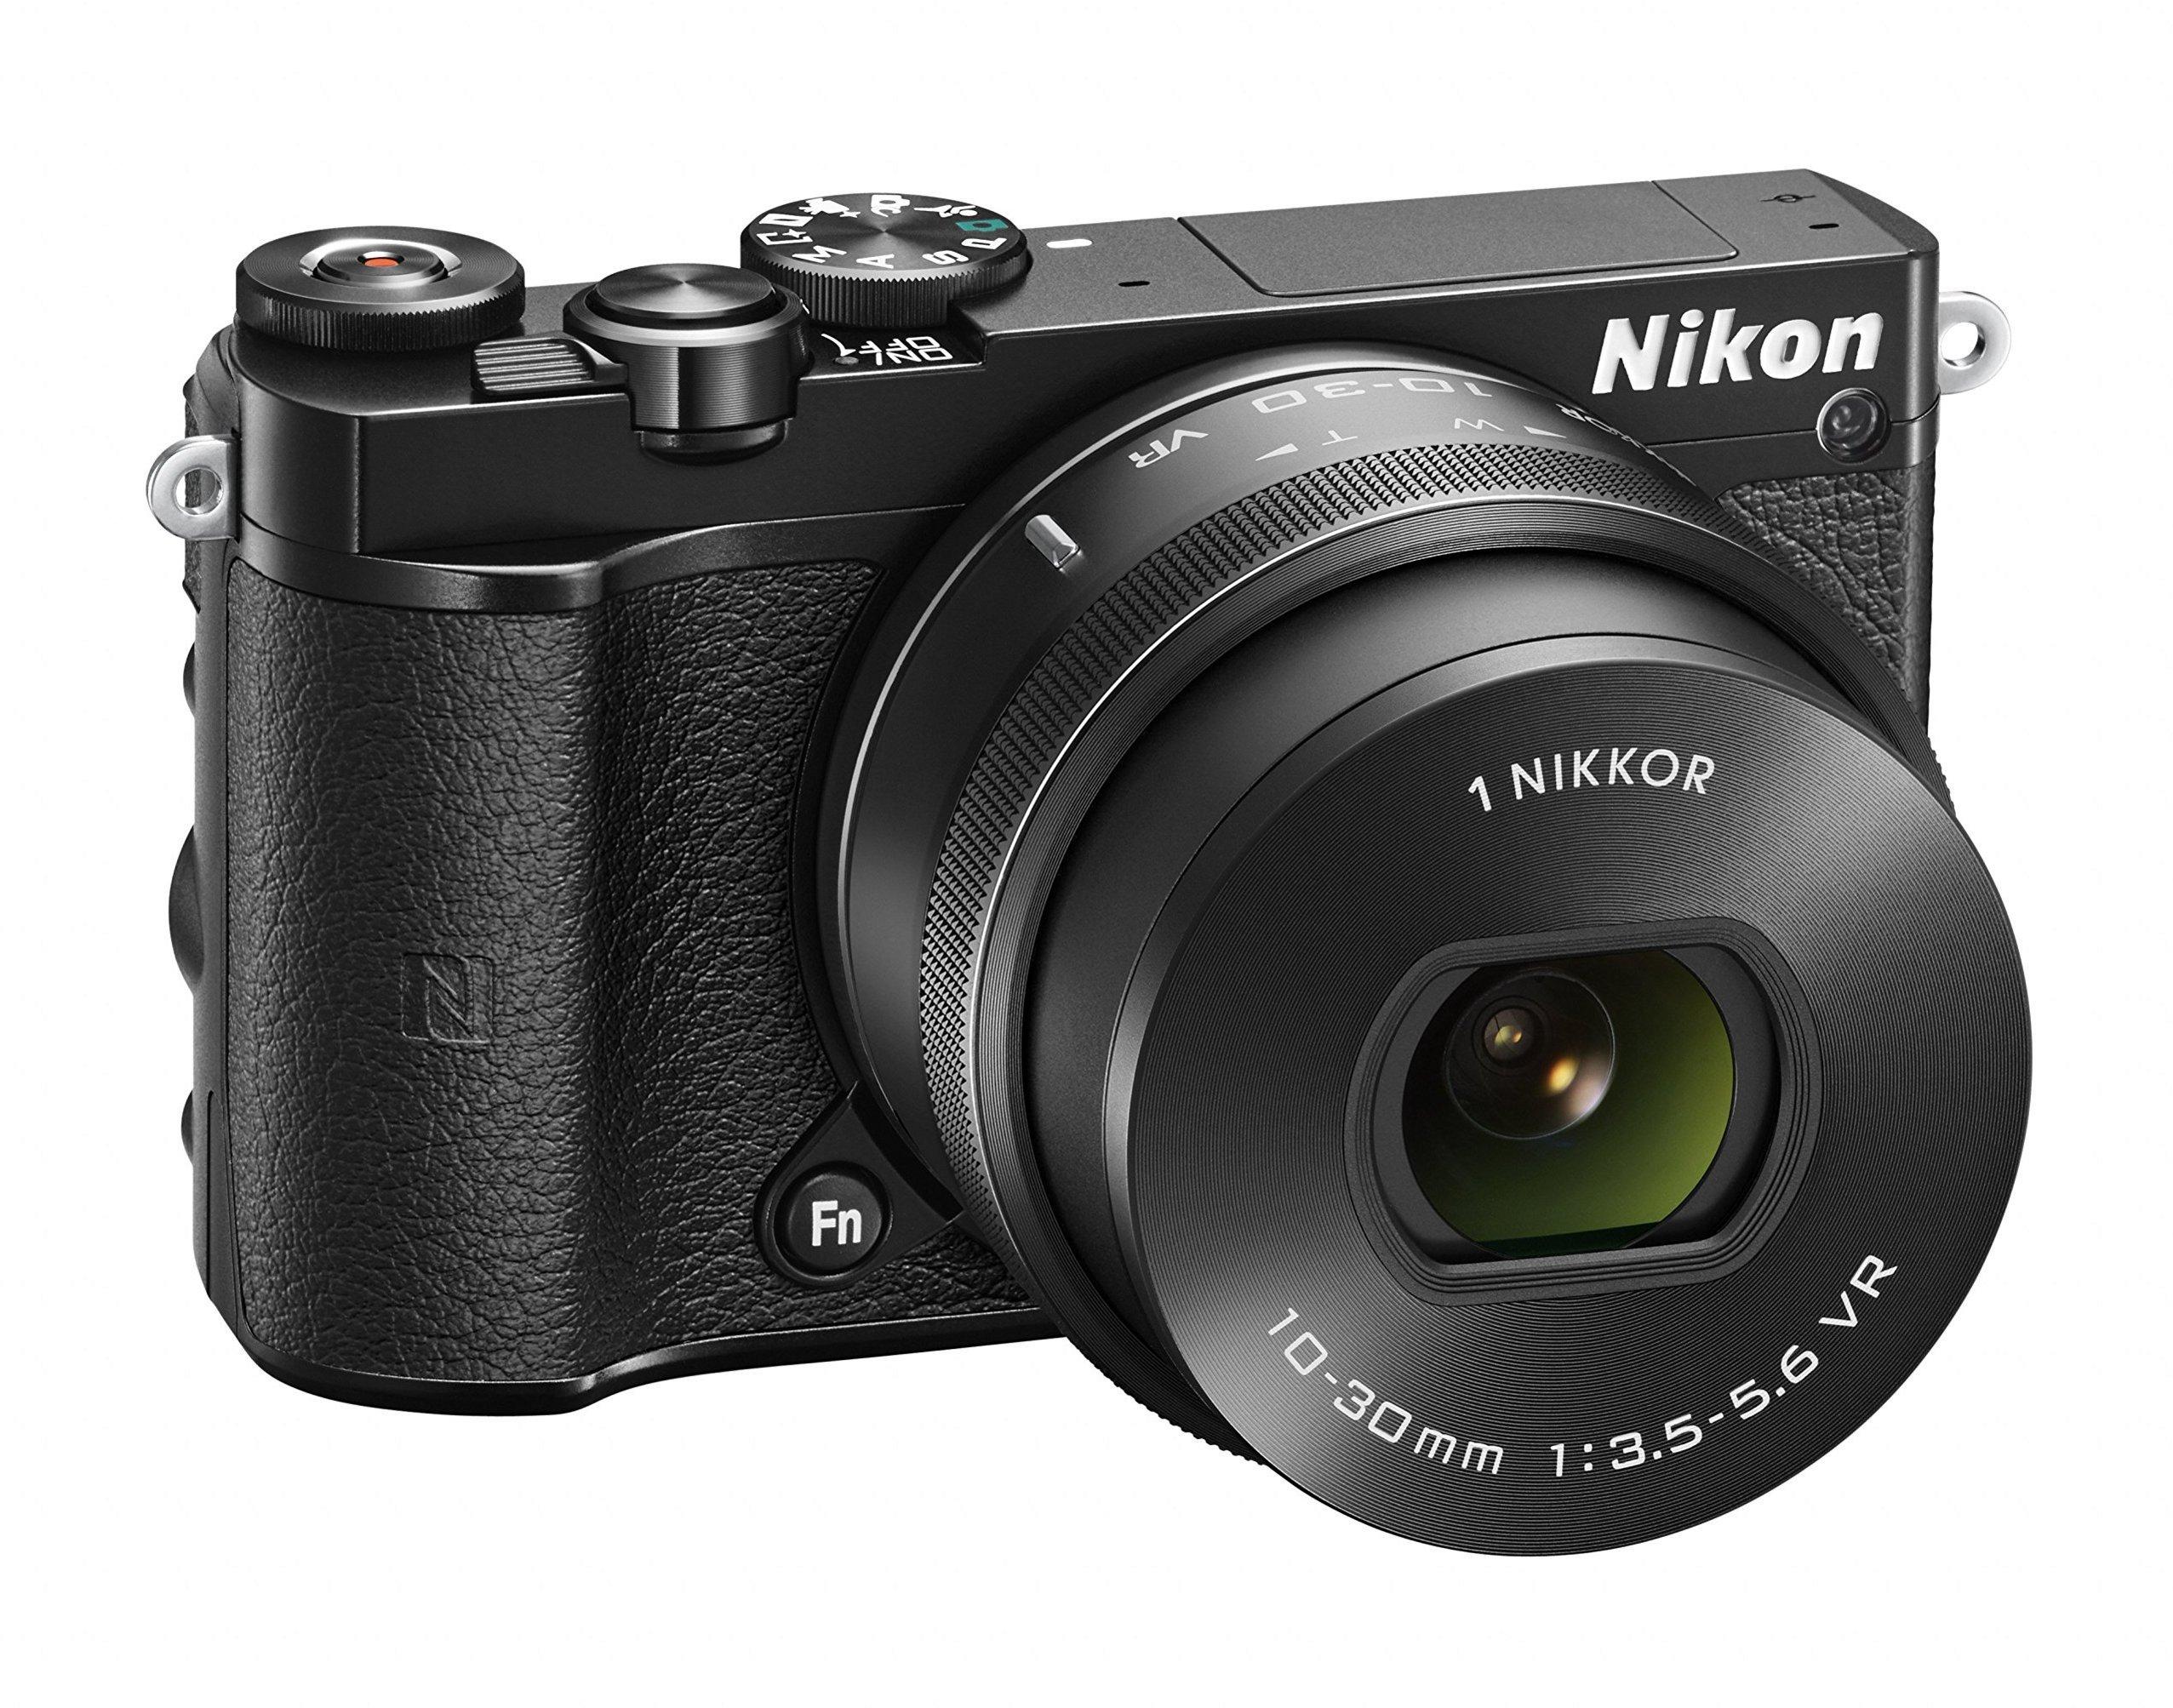 """Nikon 1 J5 + 1 Nikkor 10-30 mm VR PD-ZOOM Fotocamera Digitale ad Ottiche Intercambiabili, 20,8 Megapixel, Video 4K, LCD Touchscreen Basculante 3"""", Nero [Versione EU] product image"""